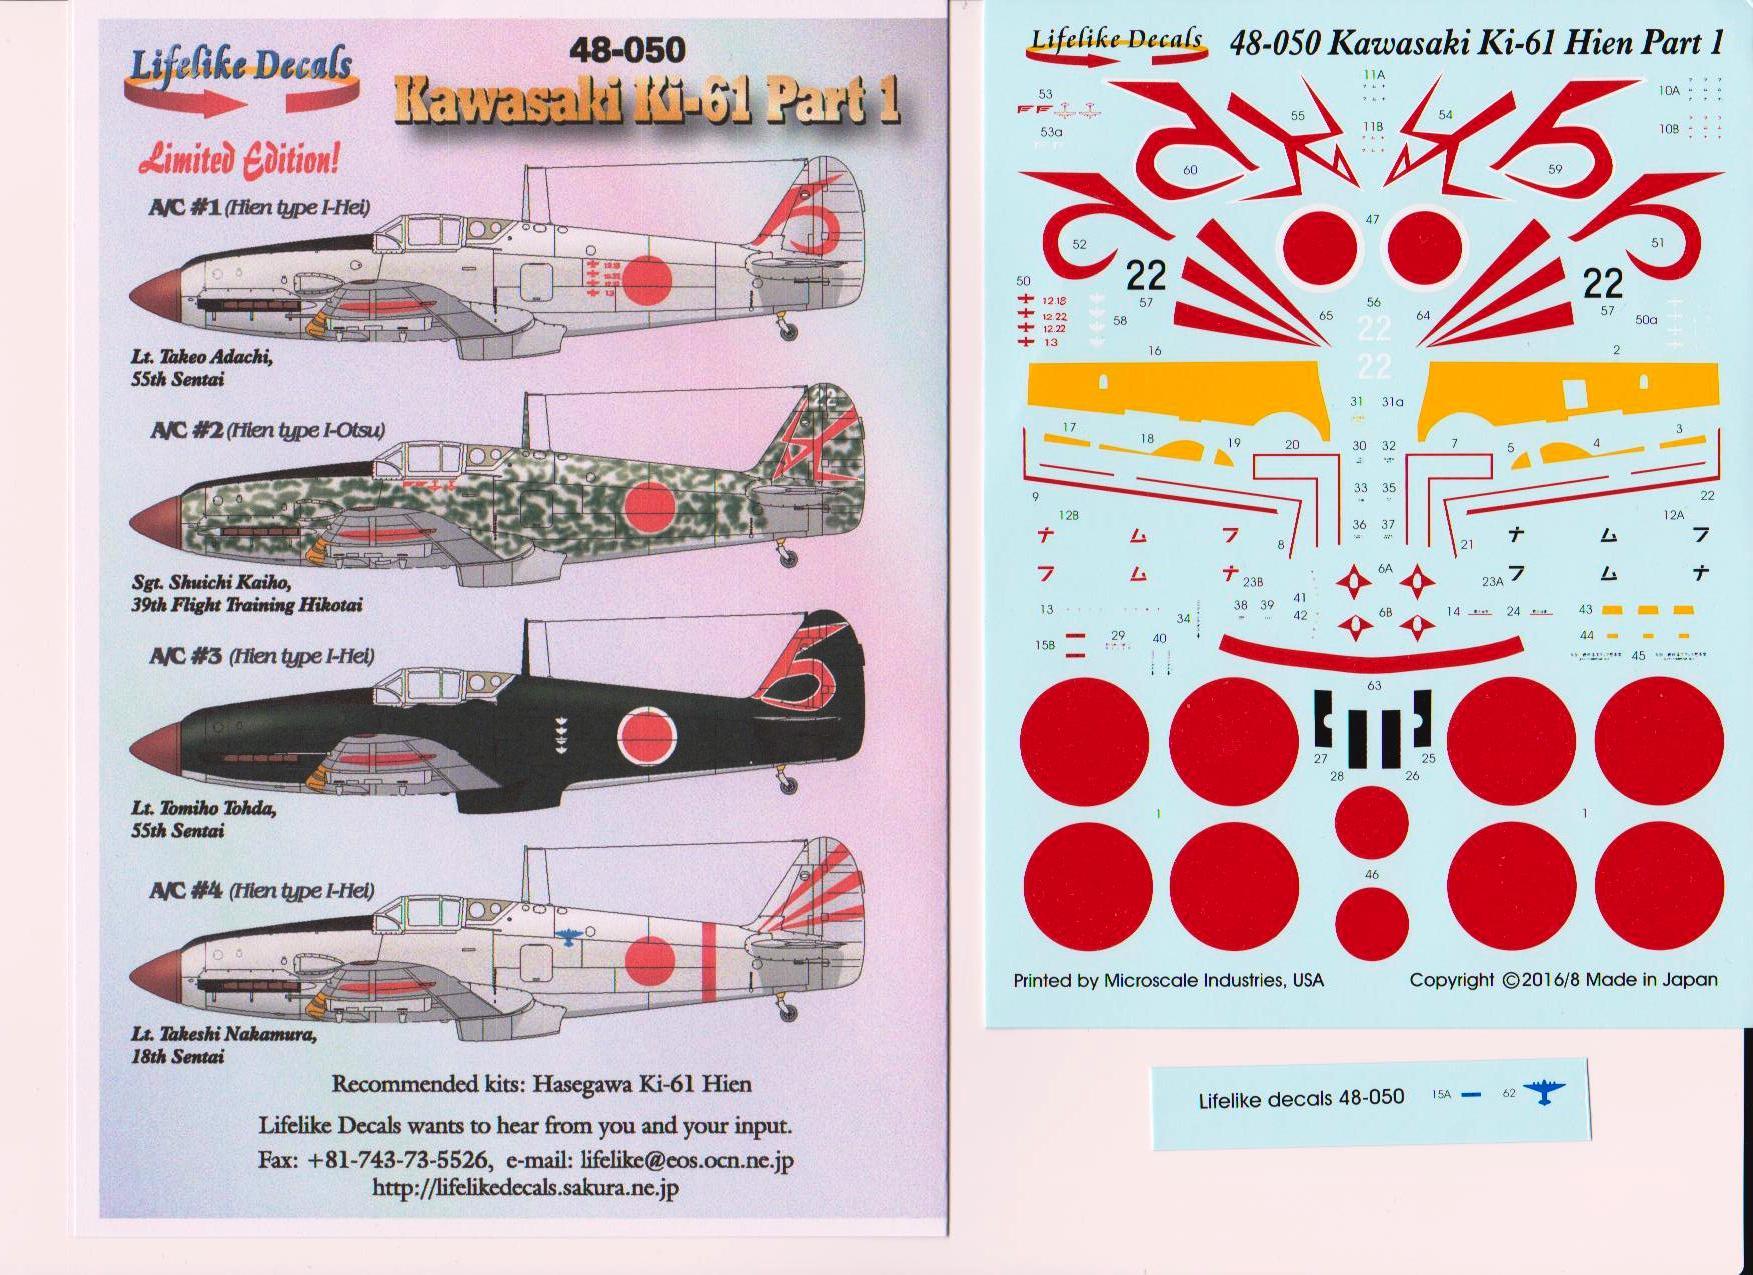 川崎 キ61 五式戦闘機 飛燕 Part1